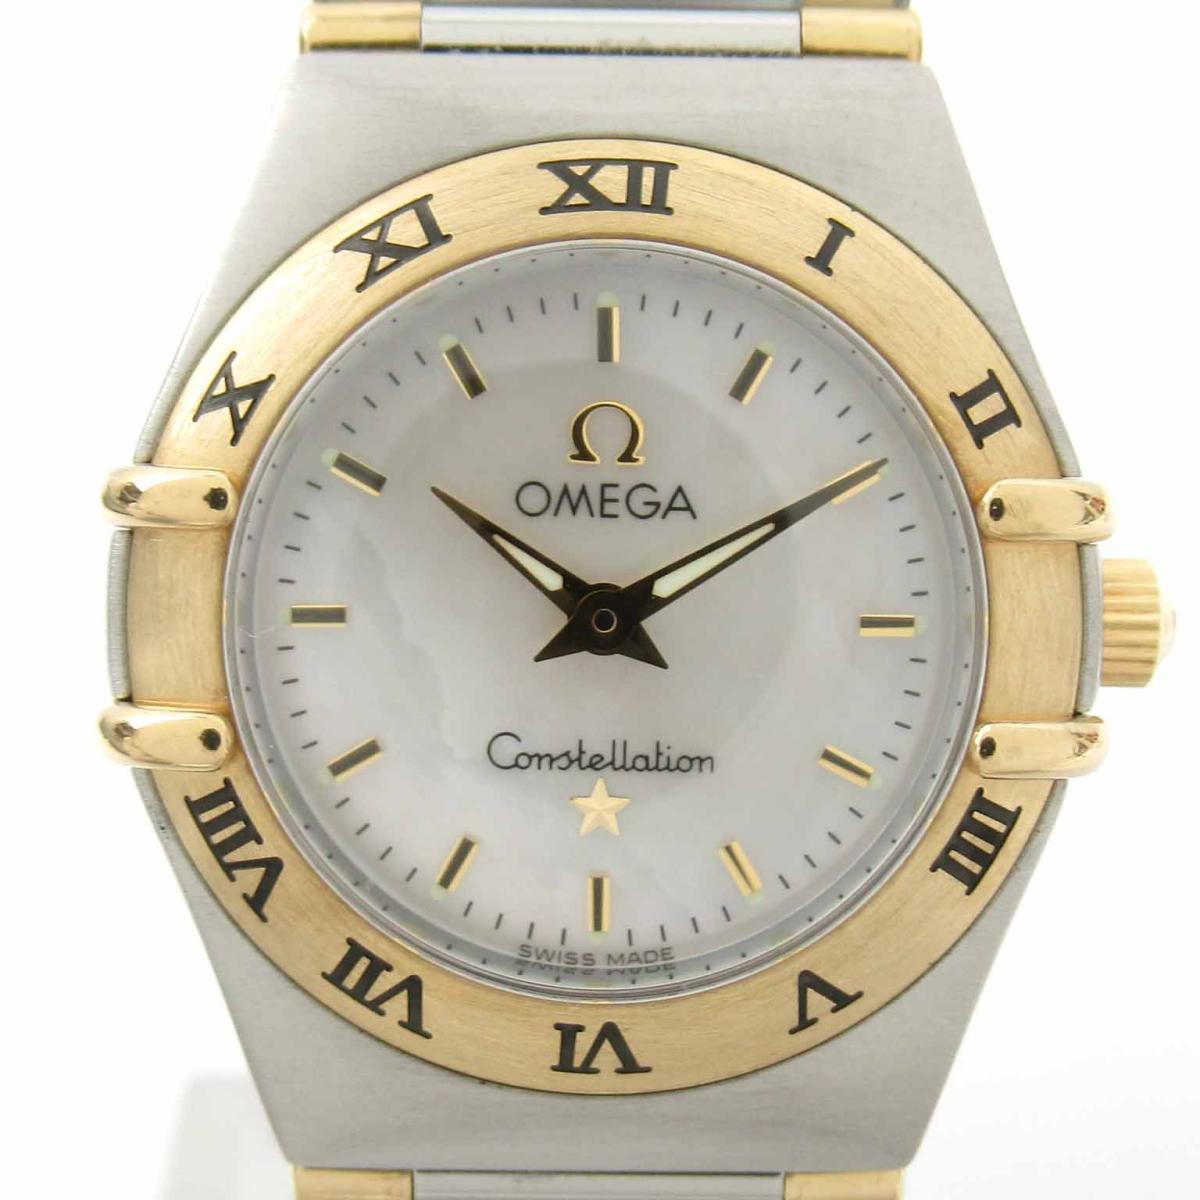 ≪期間限定≫メルマガ登録でクーポンGET! 【中古】 オメガ コンステレーション ウォッチ 腕時計 レディース K18YG (750)イエローゴールド ステンレススチール (SS) (1262.70) | OMEGA BRANDOFF ブランドオフ ブランド ブランド時計 ブランド腕時計 時計